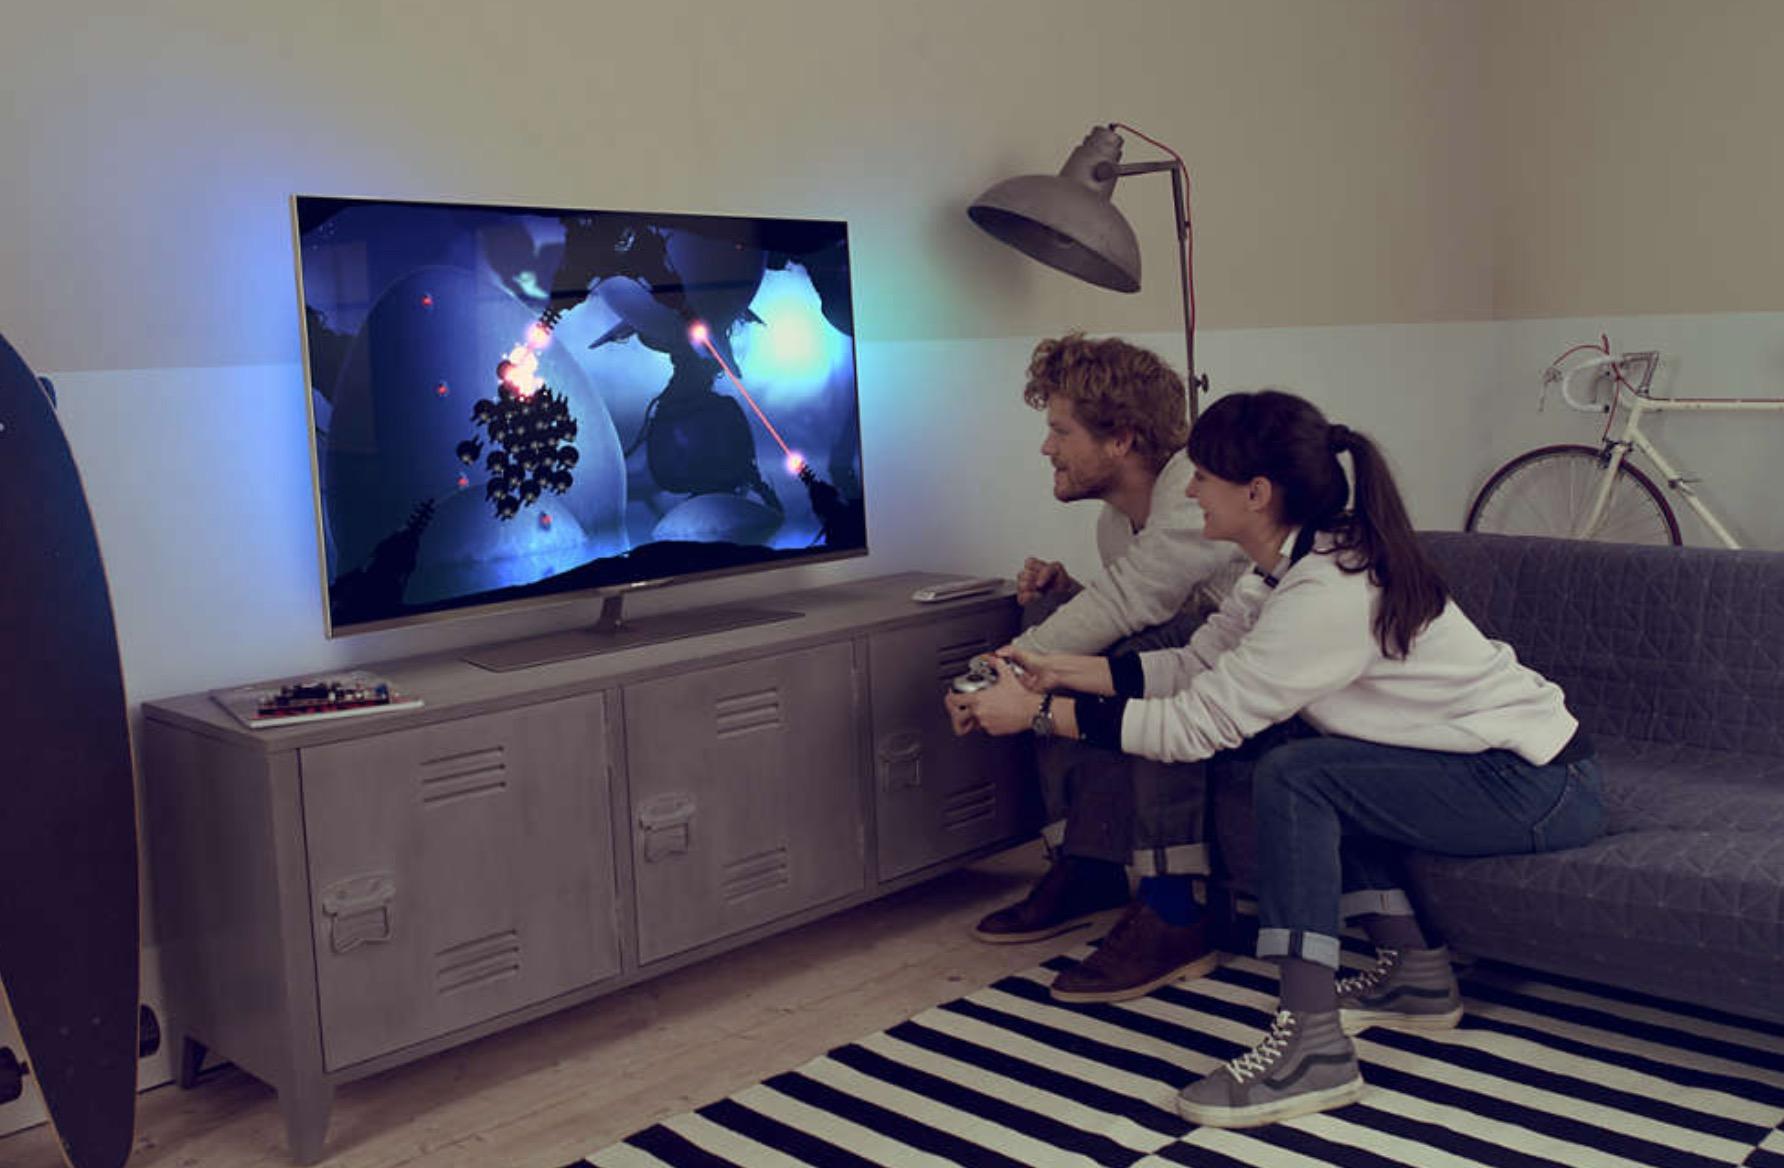 Smart TV spia una coppia